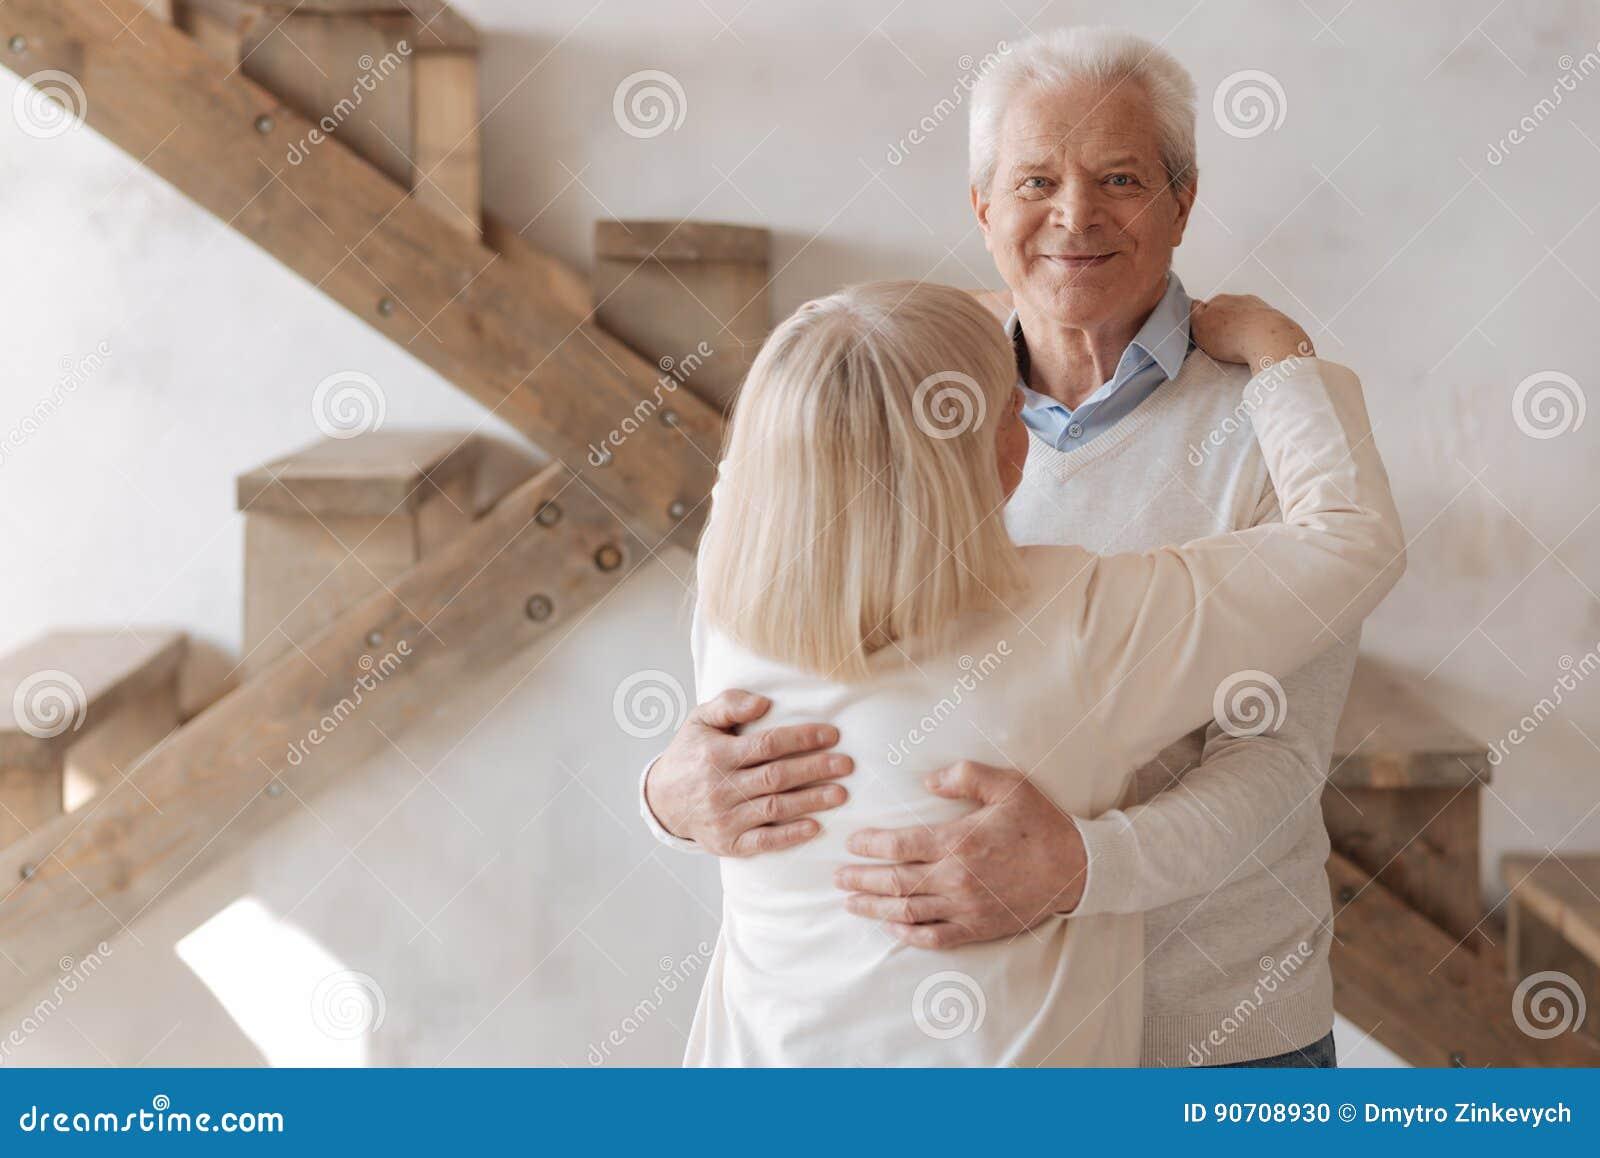 Ευχαριστημένος φροντίζοντας σύζυγος που αγκαλιάζει τη σύζυγό του